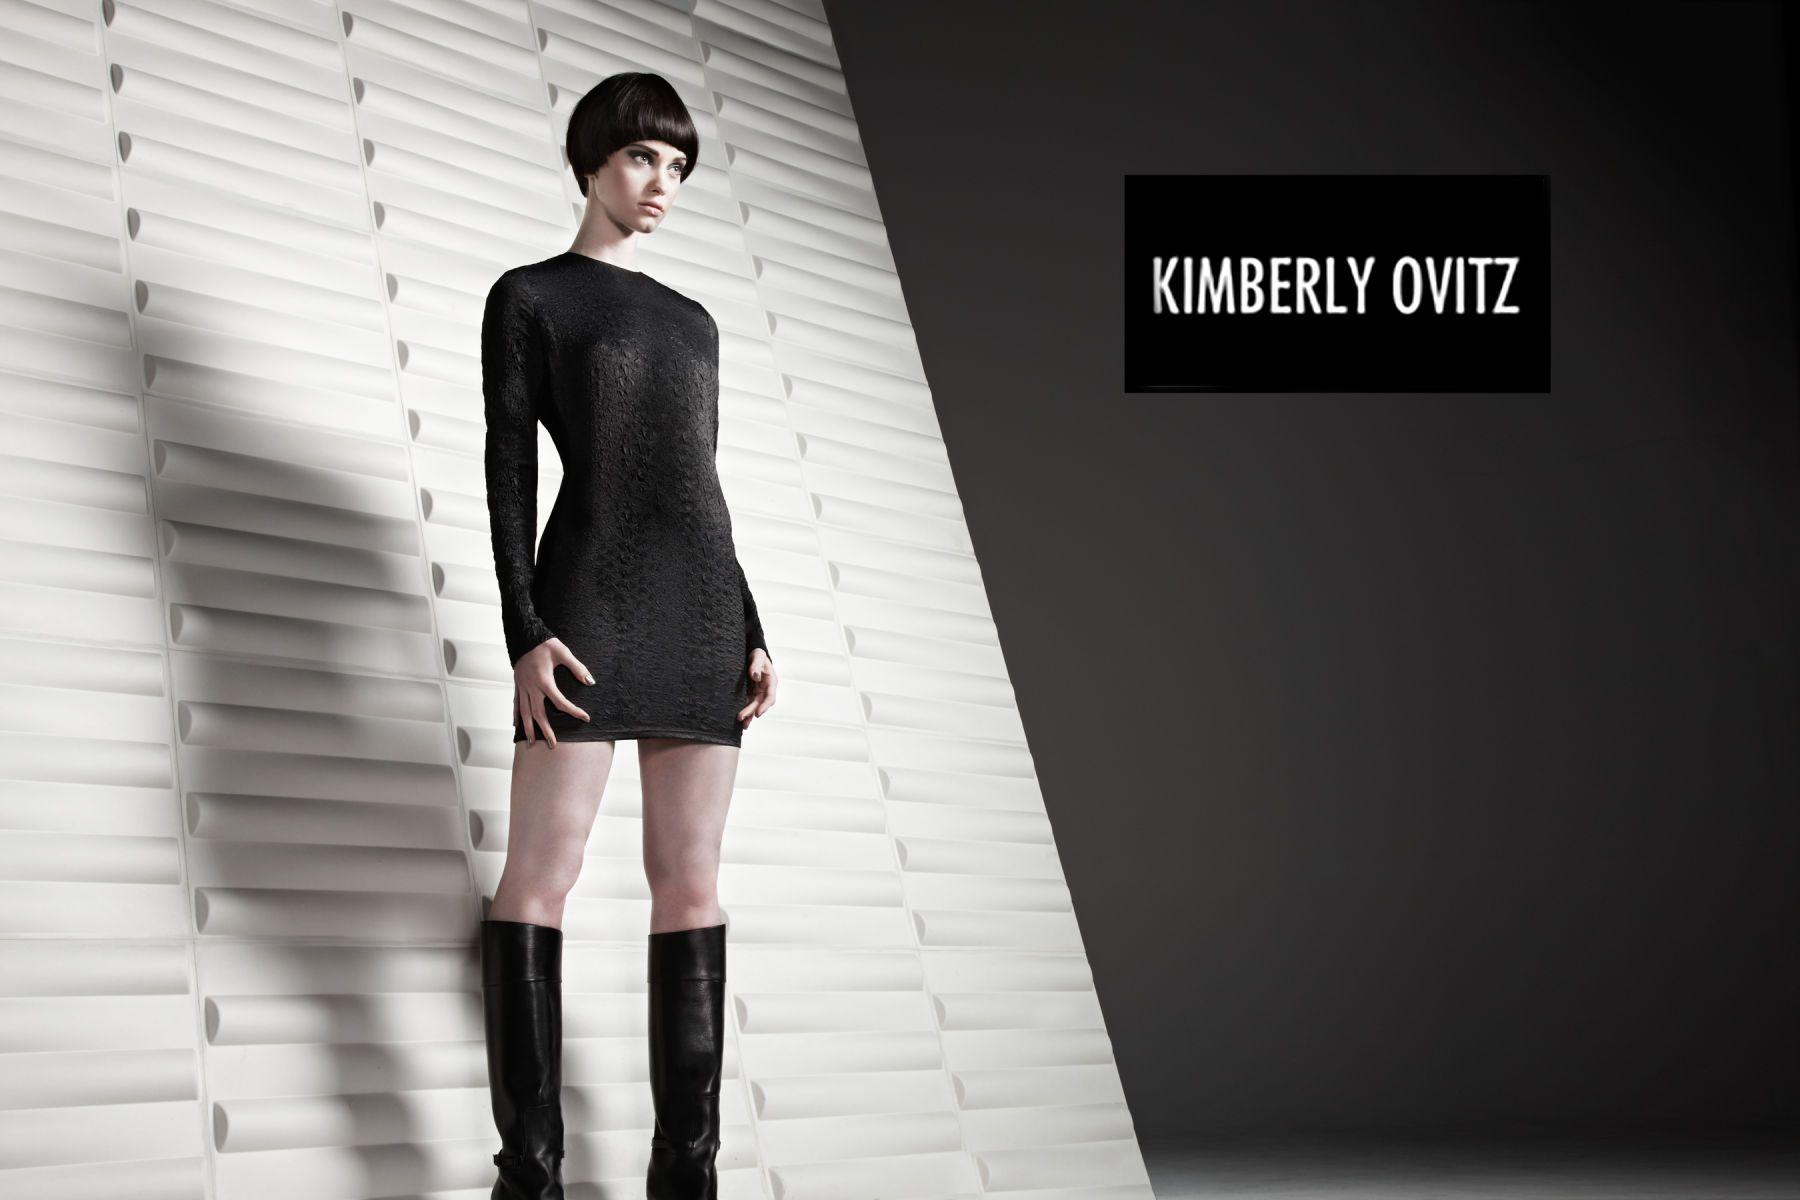 Kimberly Ovitz